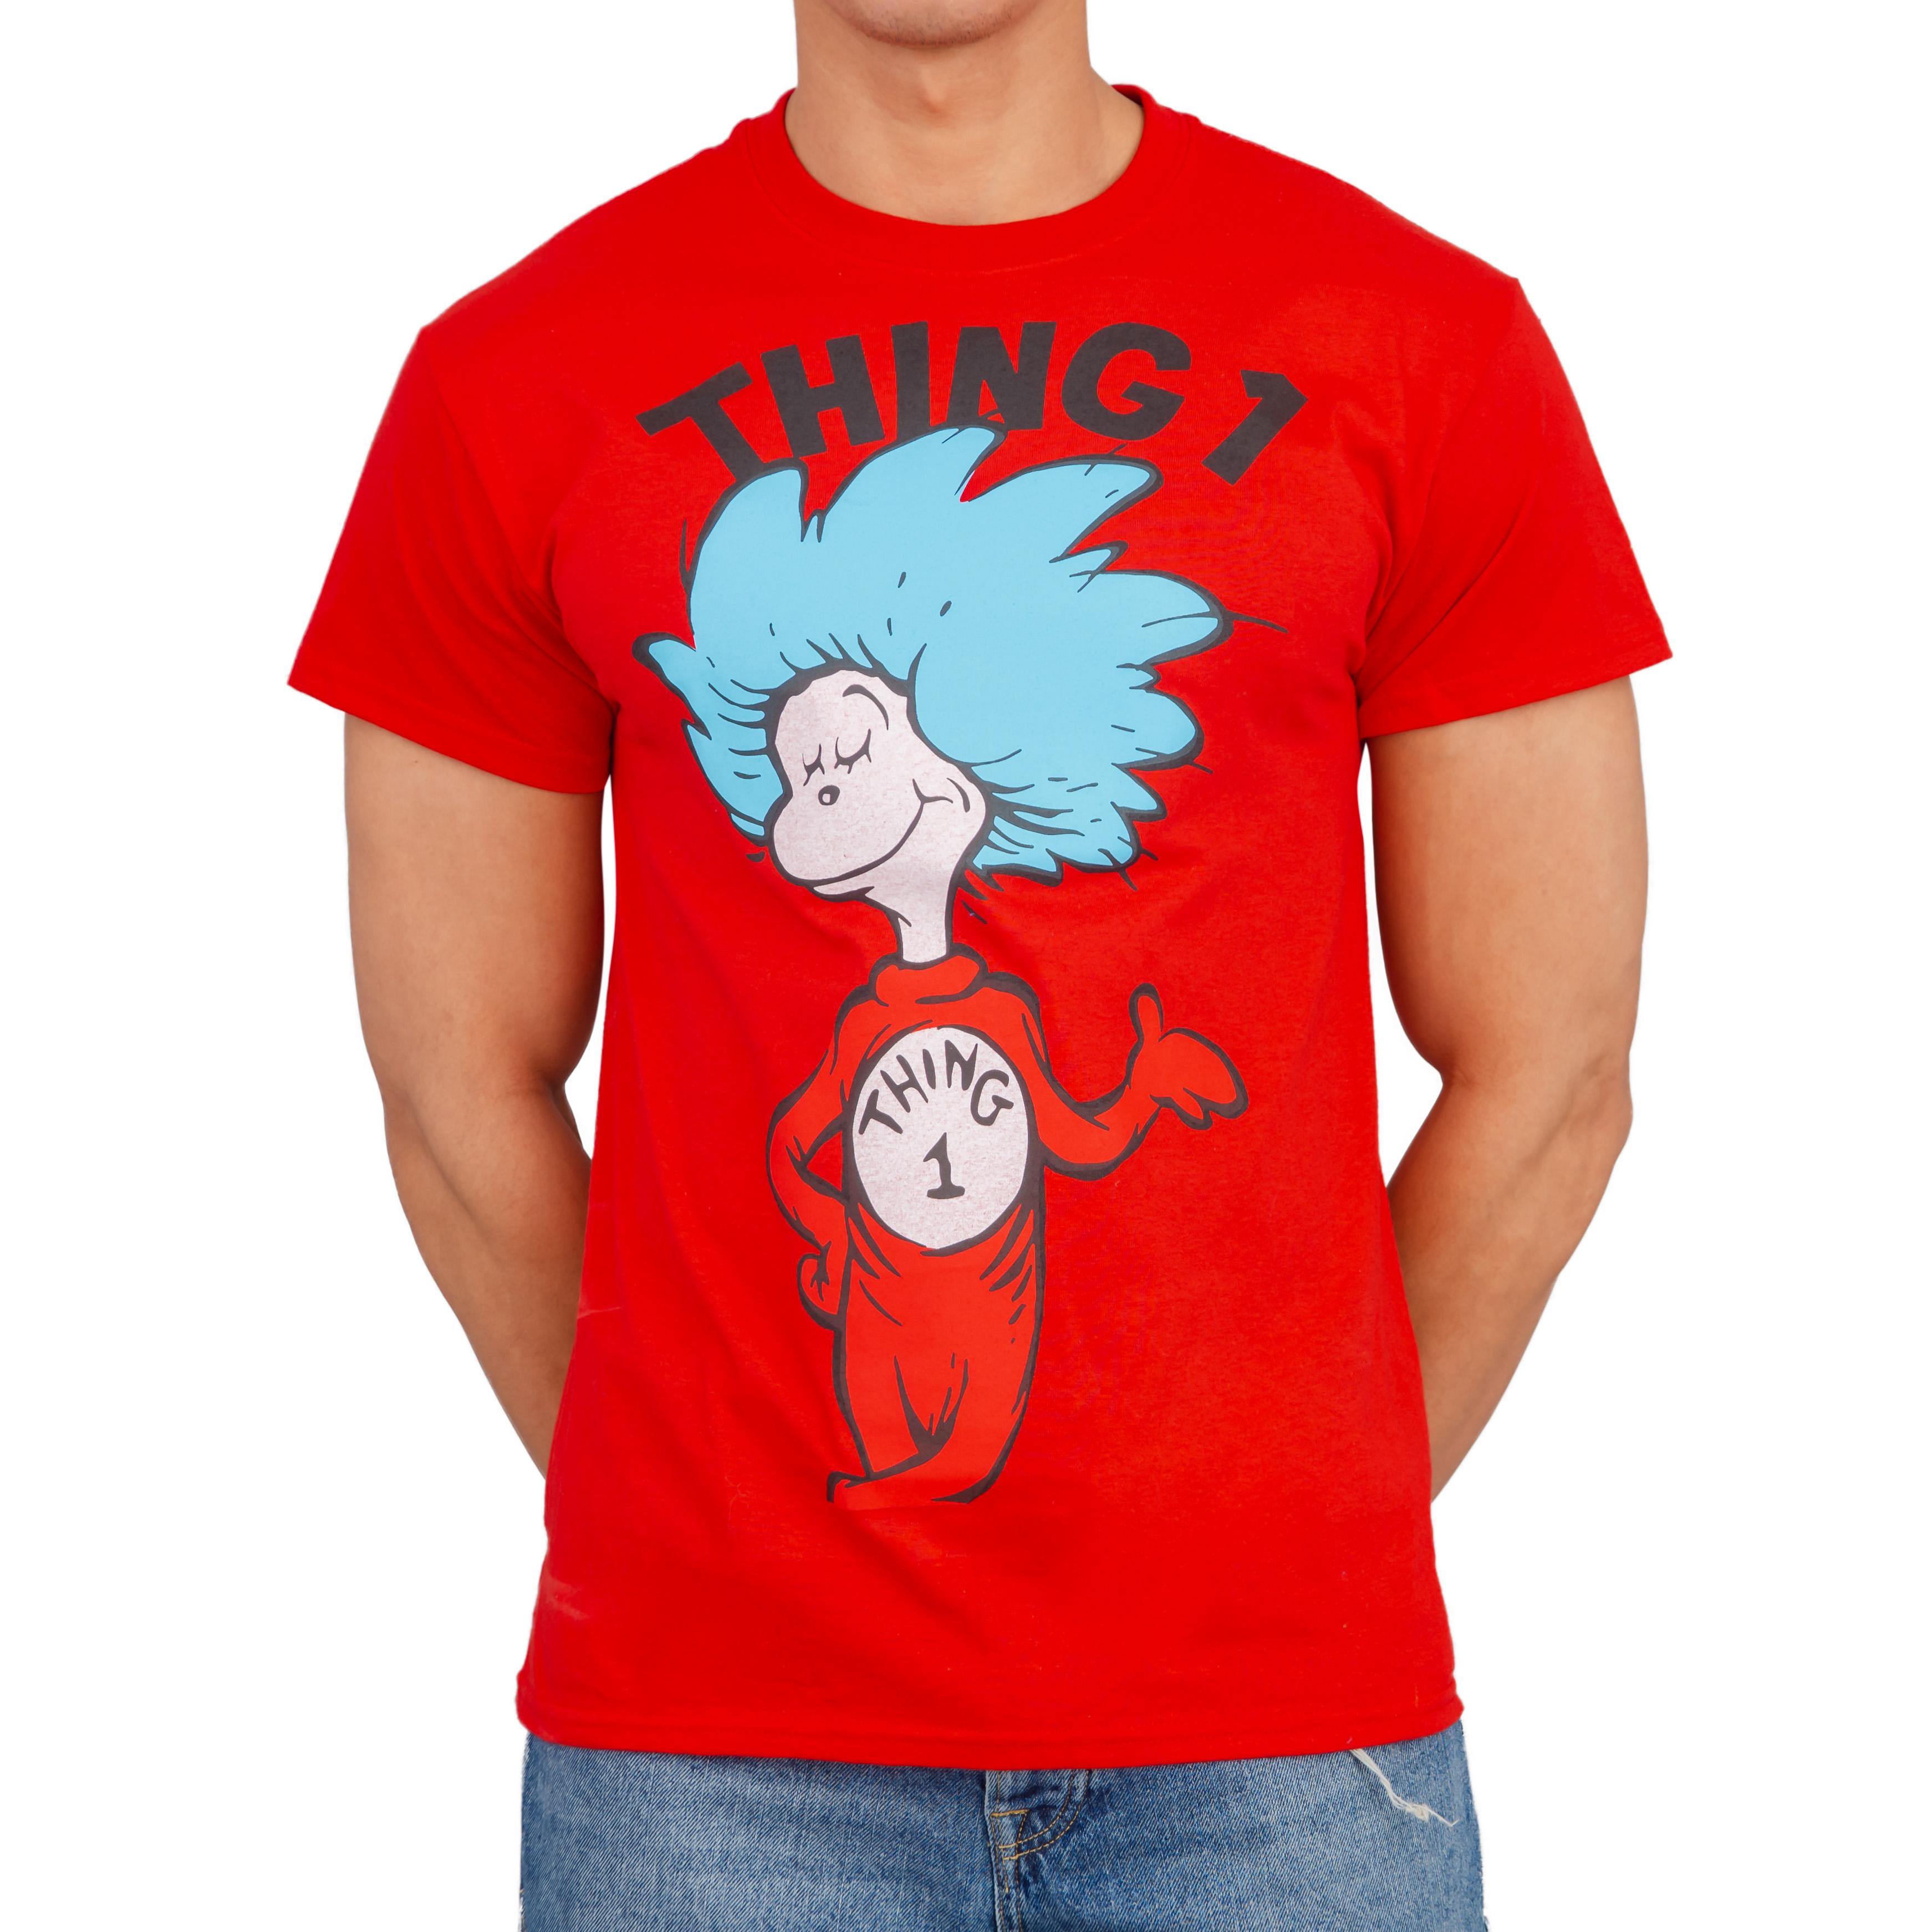 Thing 1 /& Thing 2